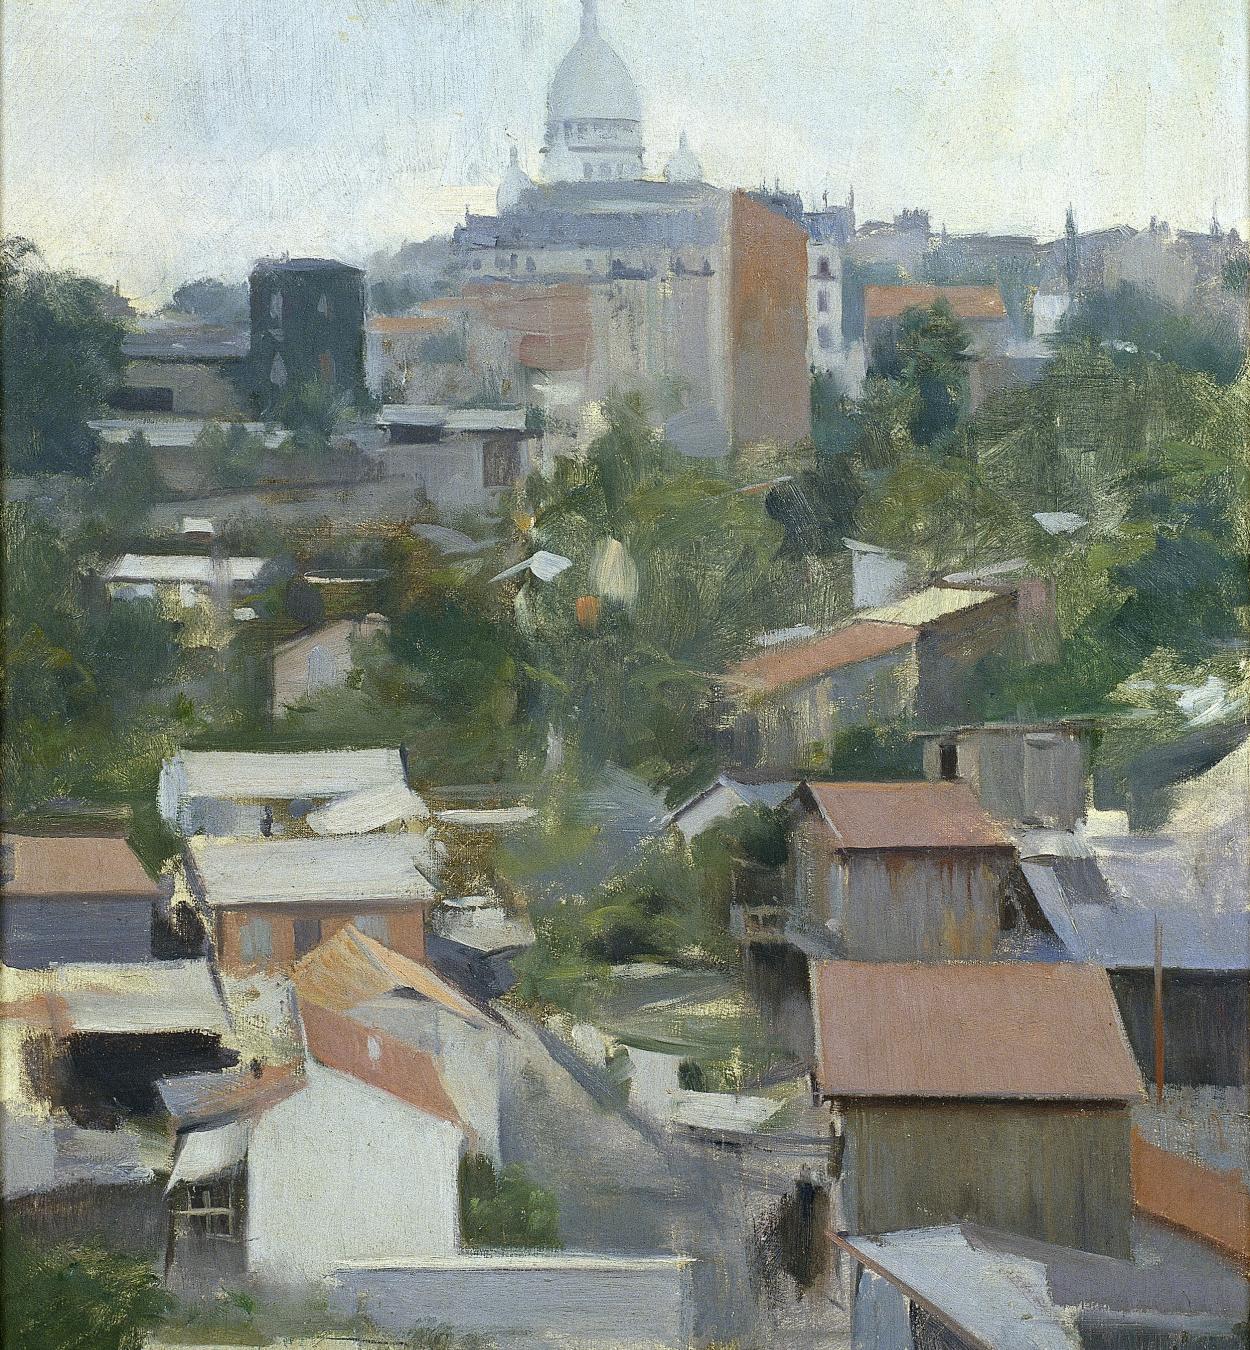 Ramon Casas - Le Sacré Coeur, Montmartre - París, hacia 1900